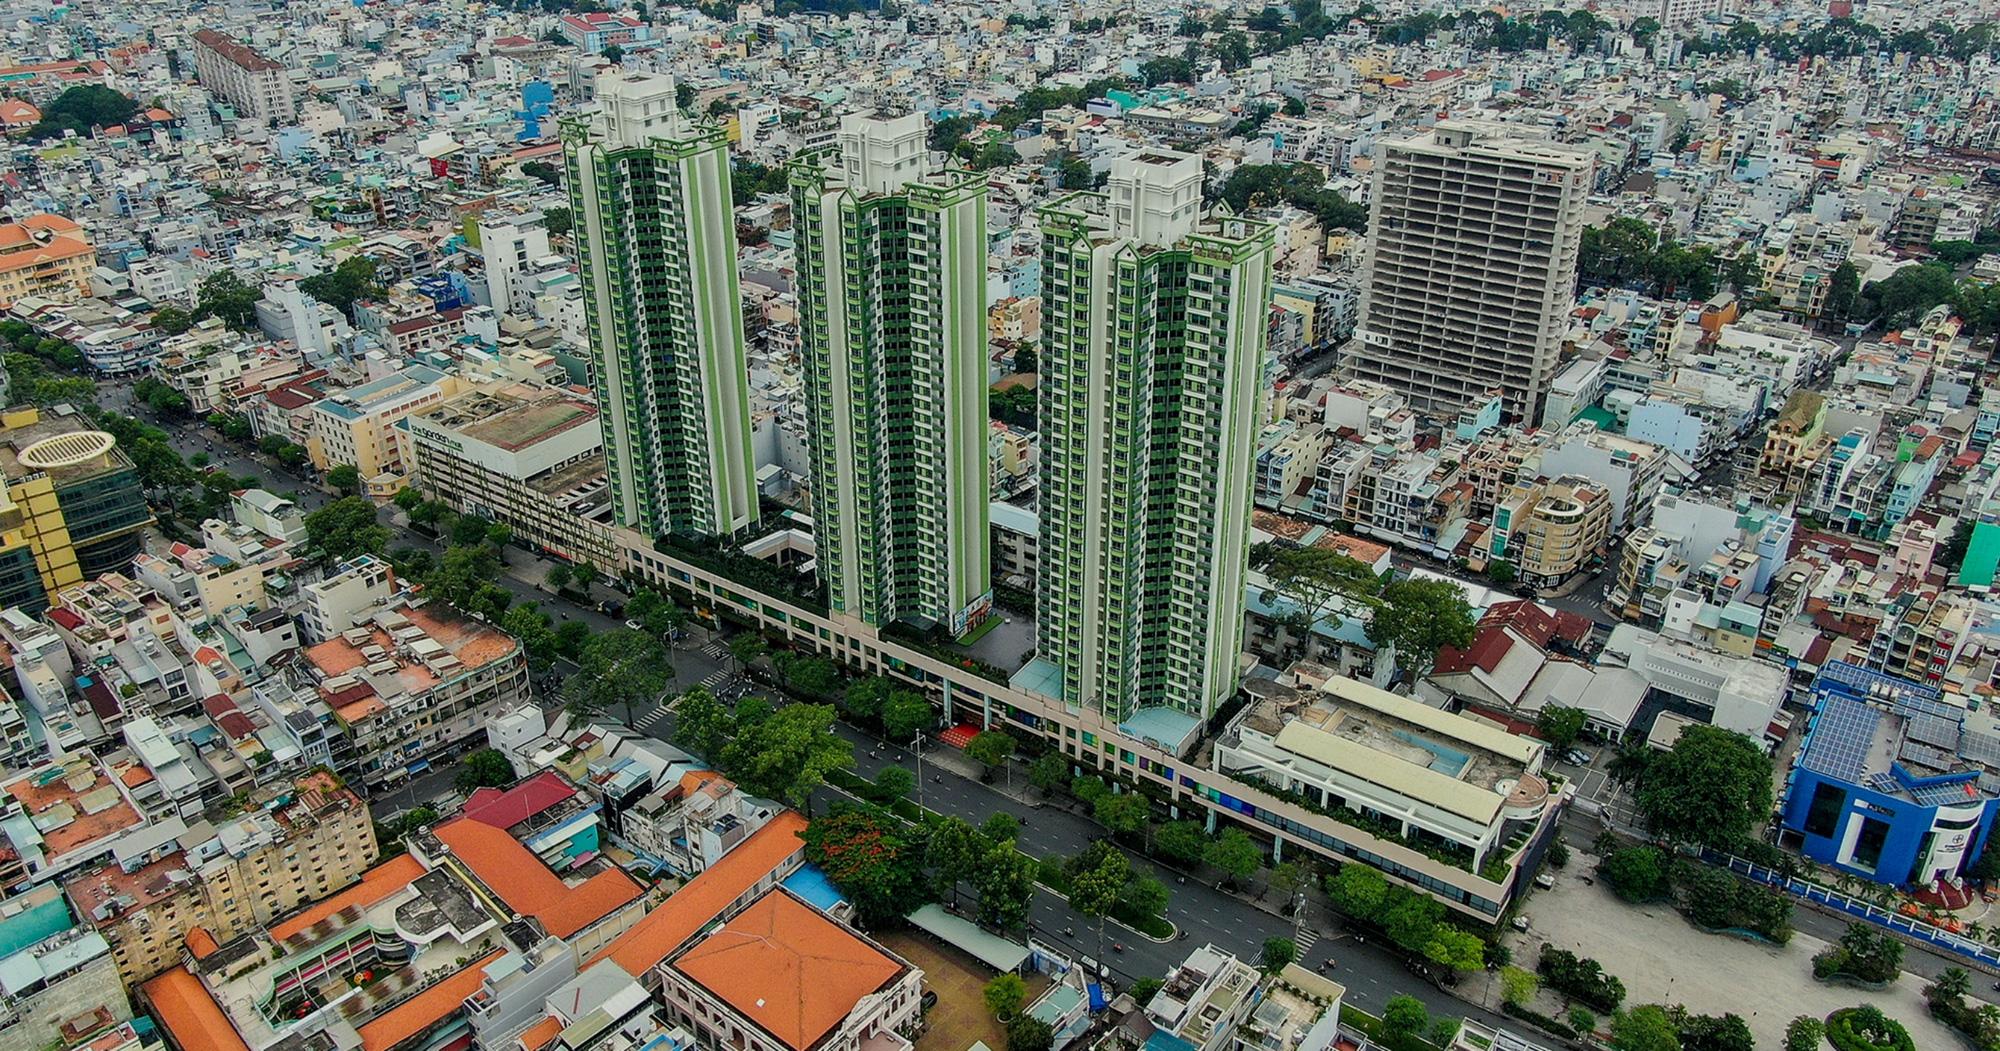 """Thuận Kiều Plaza: Từ biểu tượng hoa lệ Sài Gòn một thời, trải qua 3 thập kỷ đầy """"tai tiếng"""" với đủ thứ chuyện u mê và hy vọng hồi sinh giữa đại dịch - Ảnh 1."""